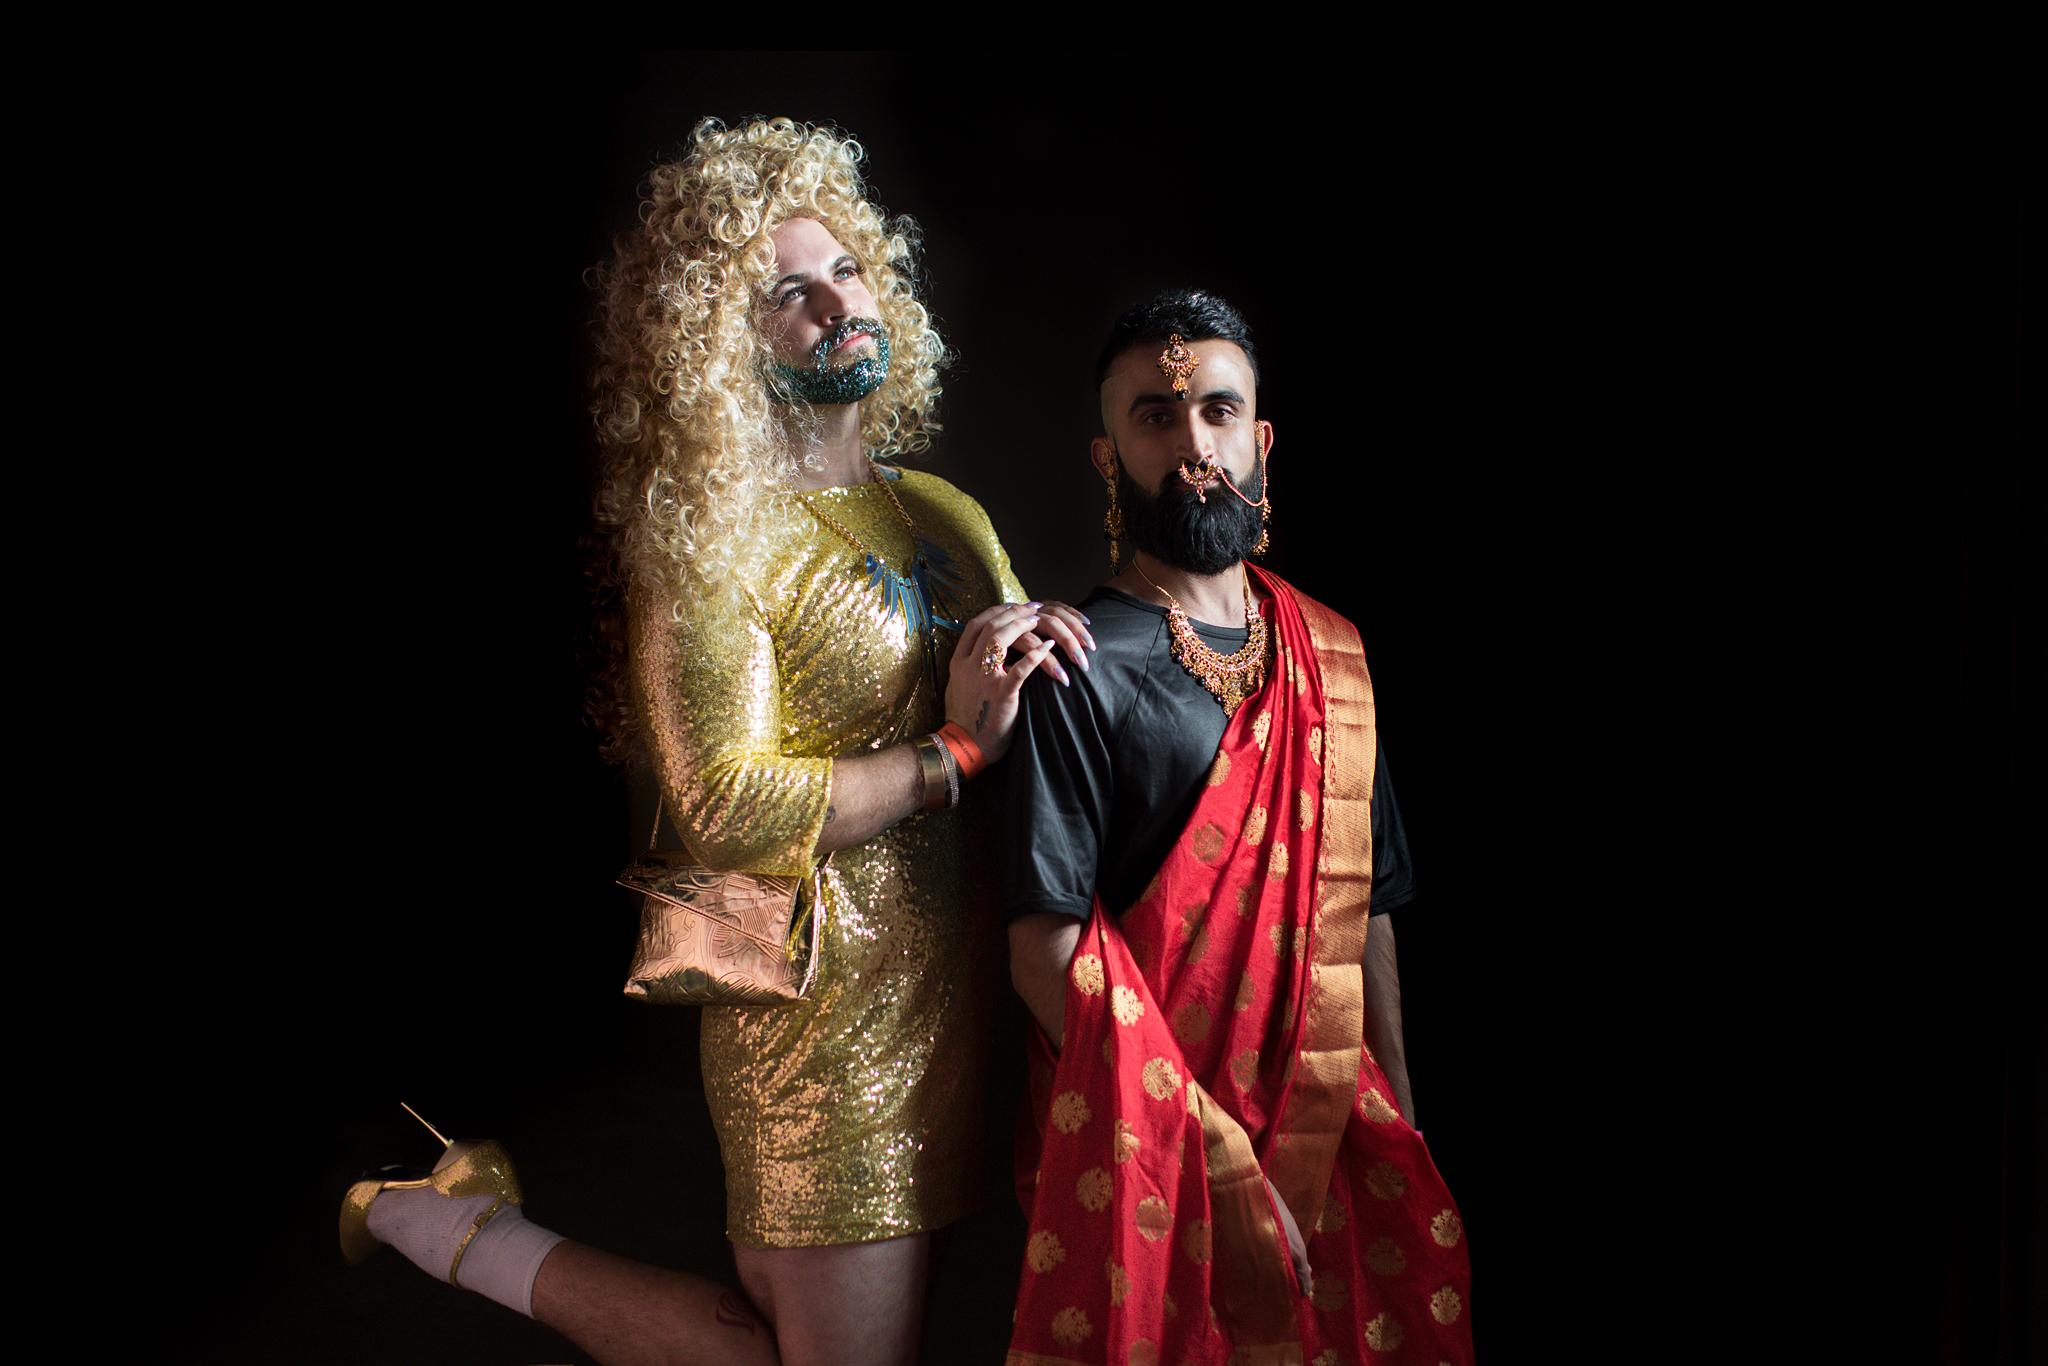 John and Priyan - Bushwig, 2017